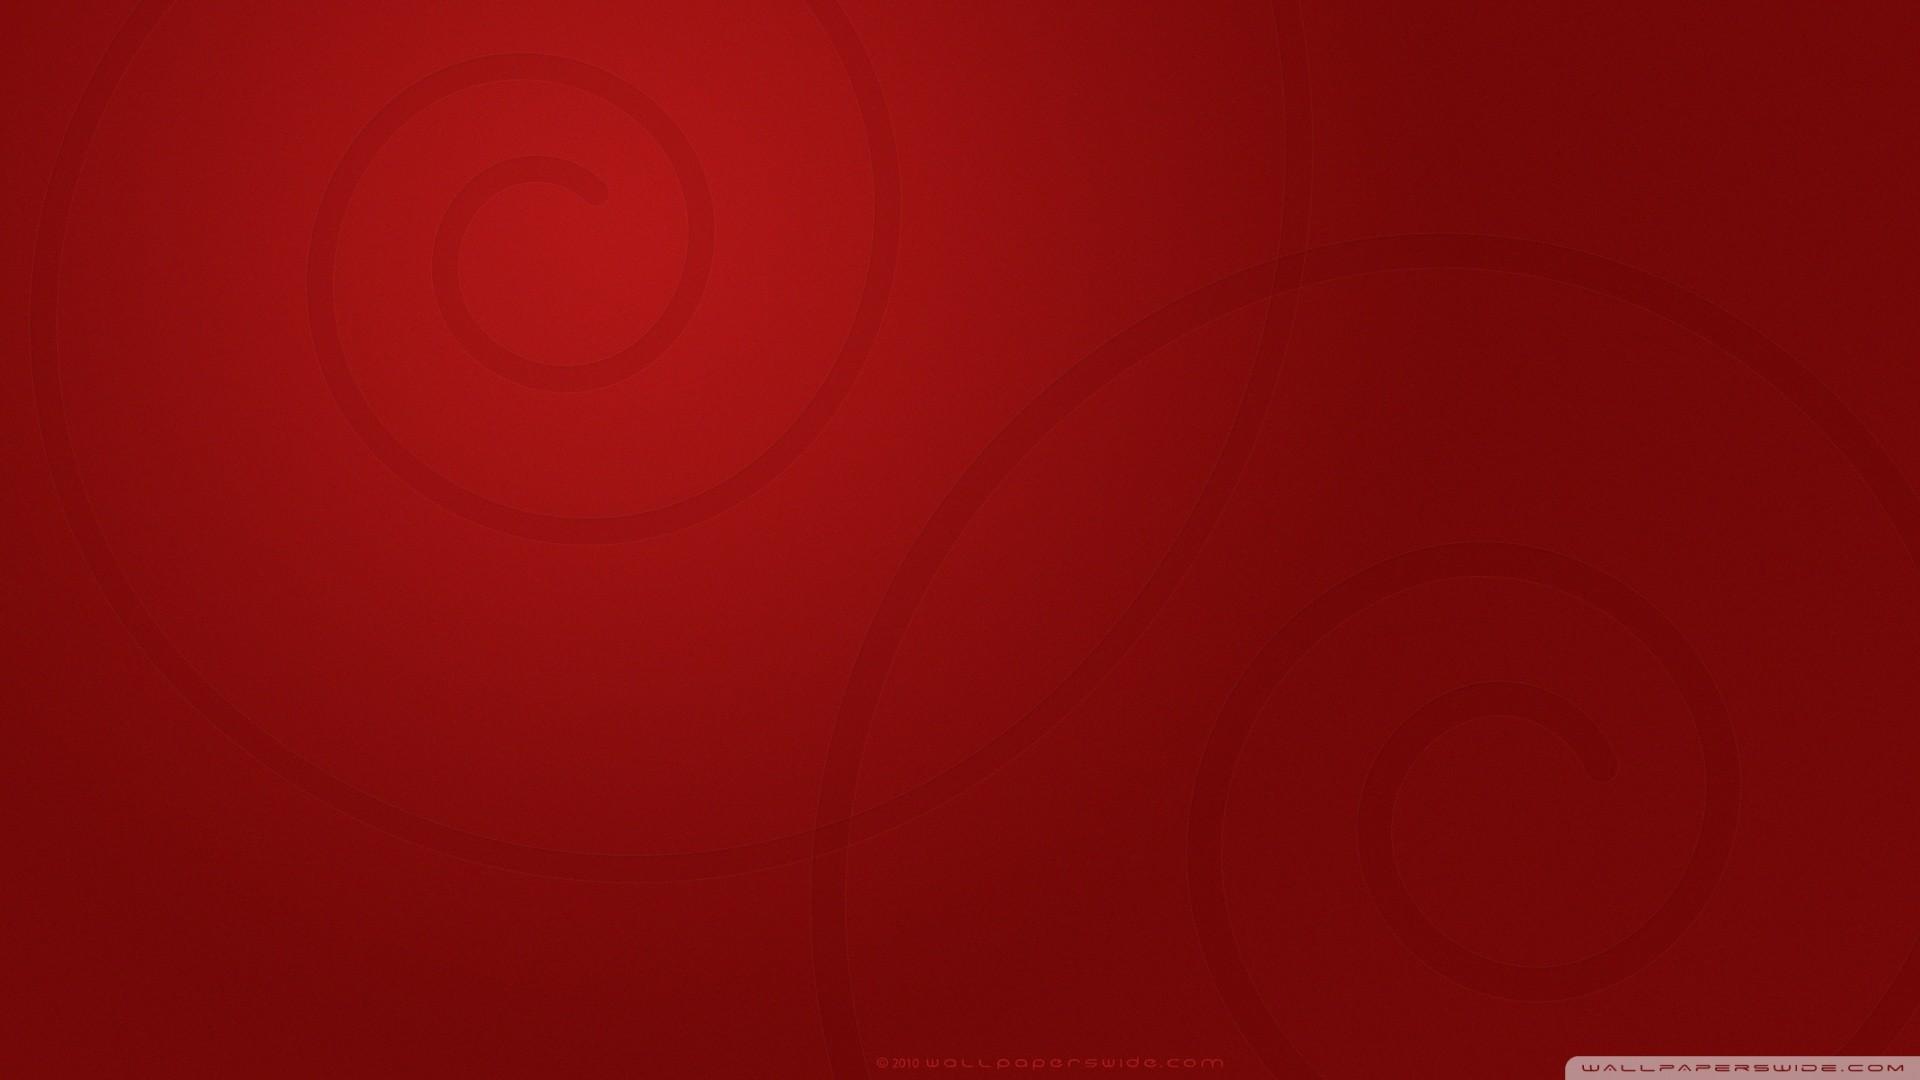 … red hd desktop wallpaper widescreen high definition …